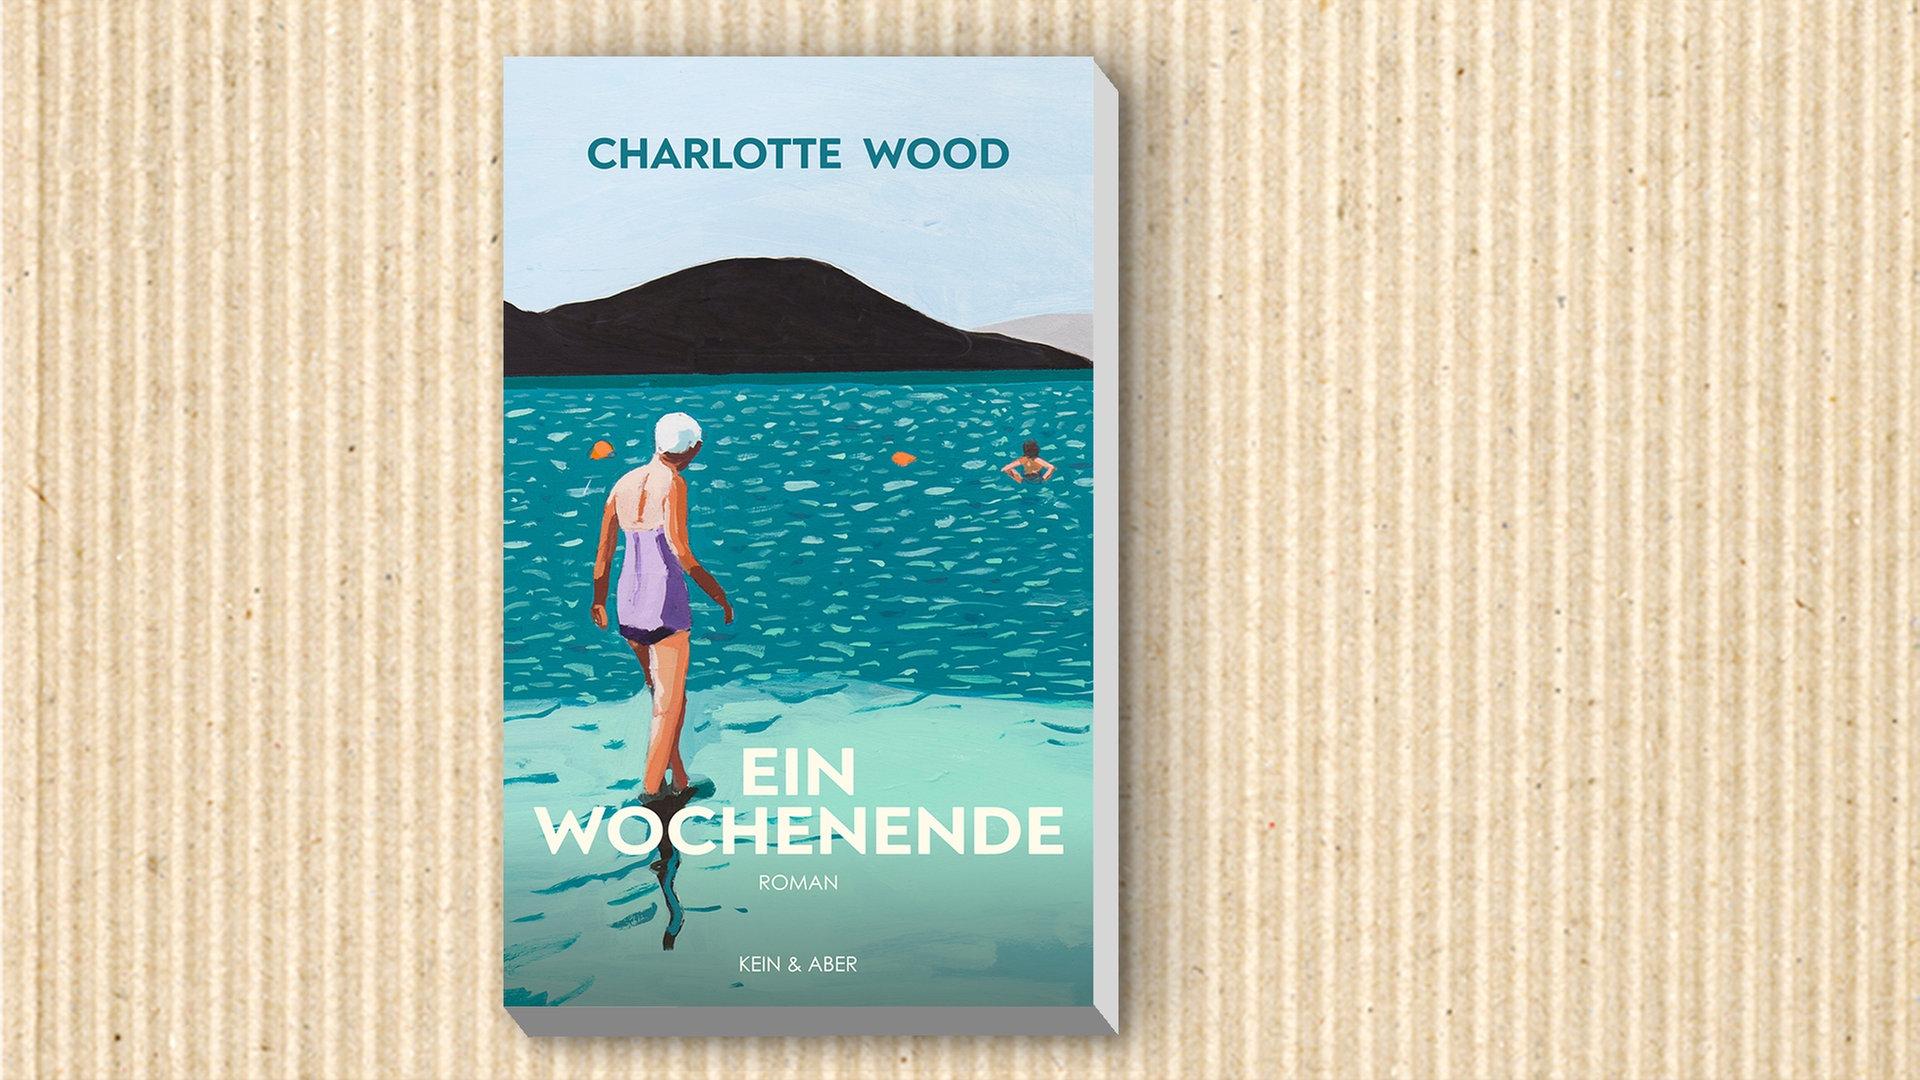 Charlotte Wood Ein Wochenende Ndr De Kultur Buch